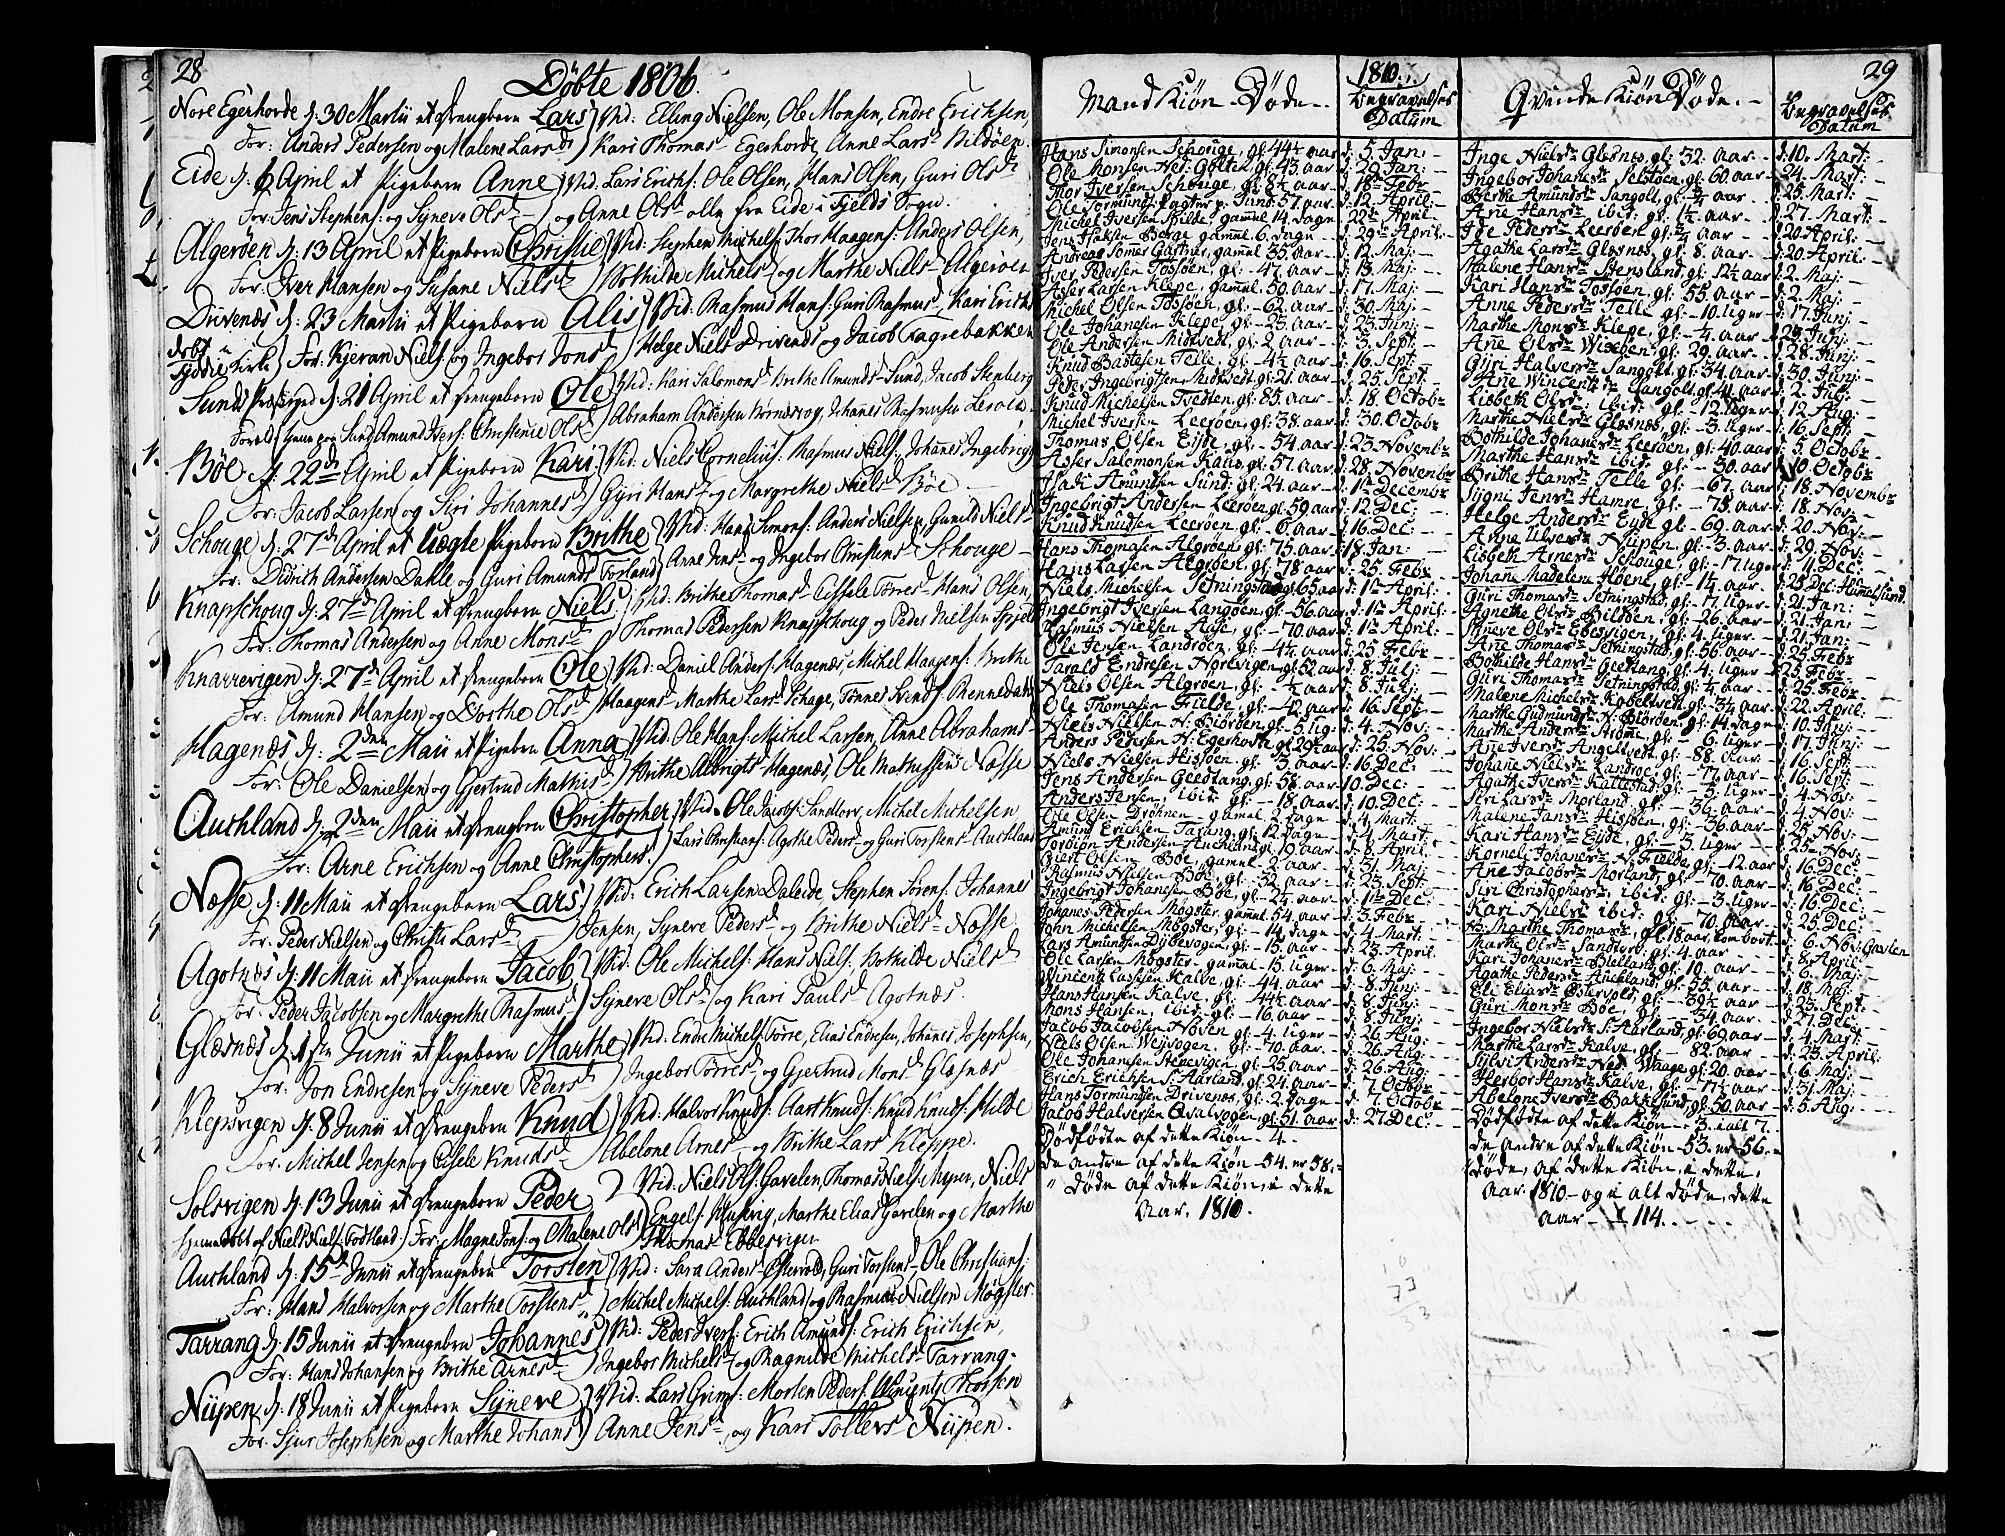 SAB, Sund sokneprestembete, Ministerialbok nr. A 10, 1804-1818, s. 28-29